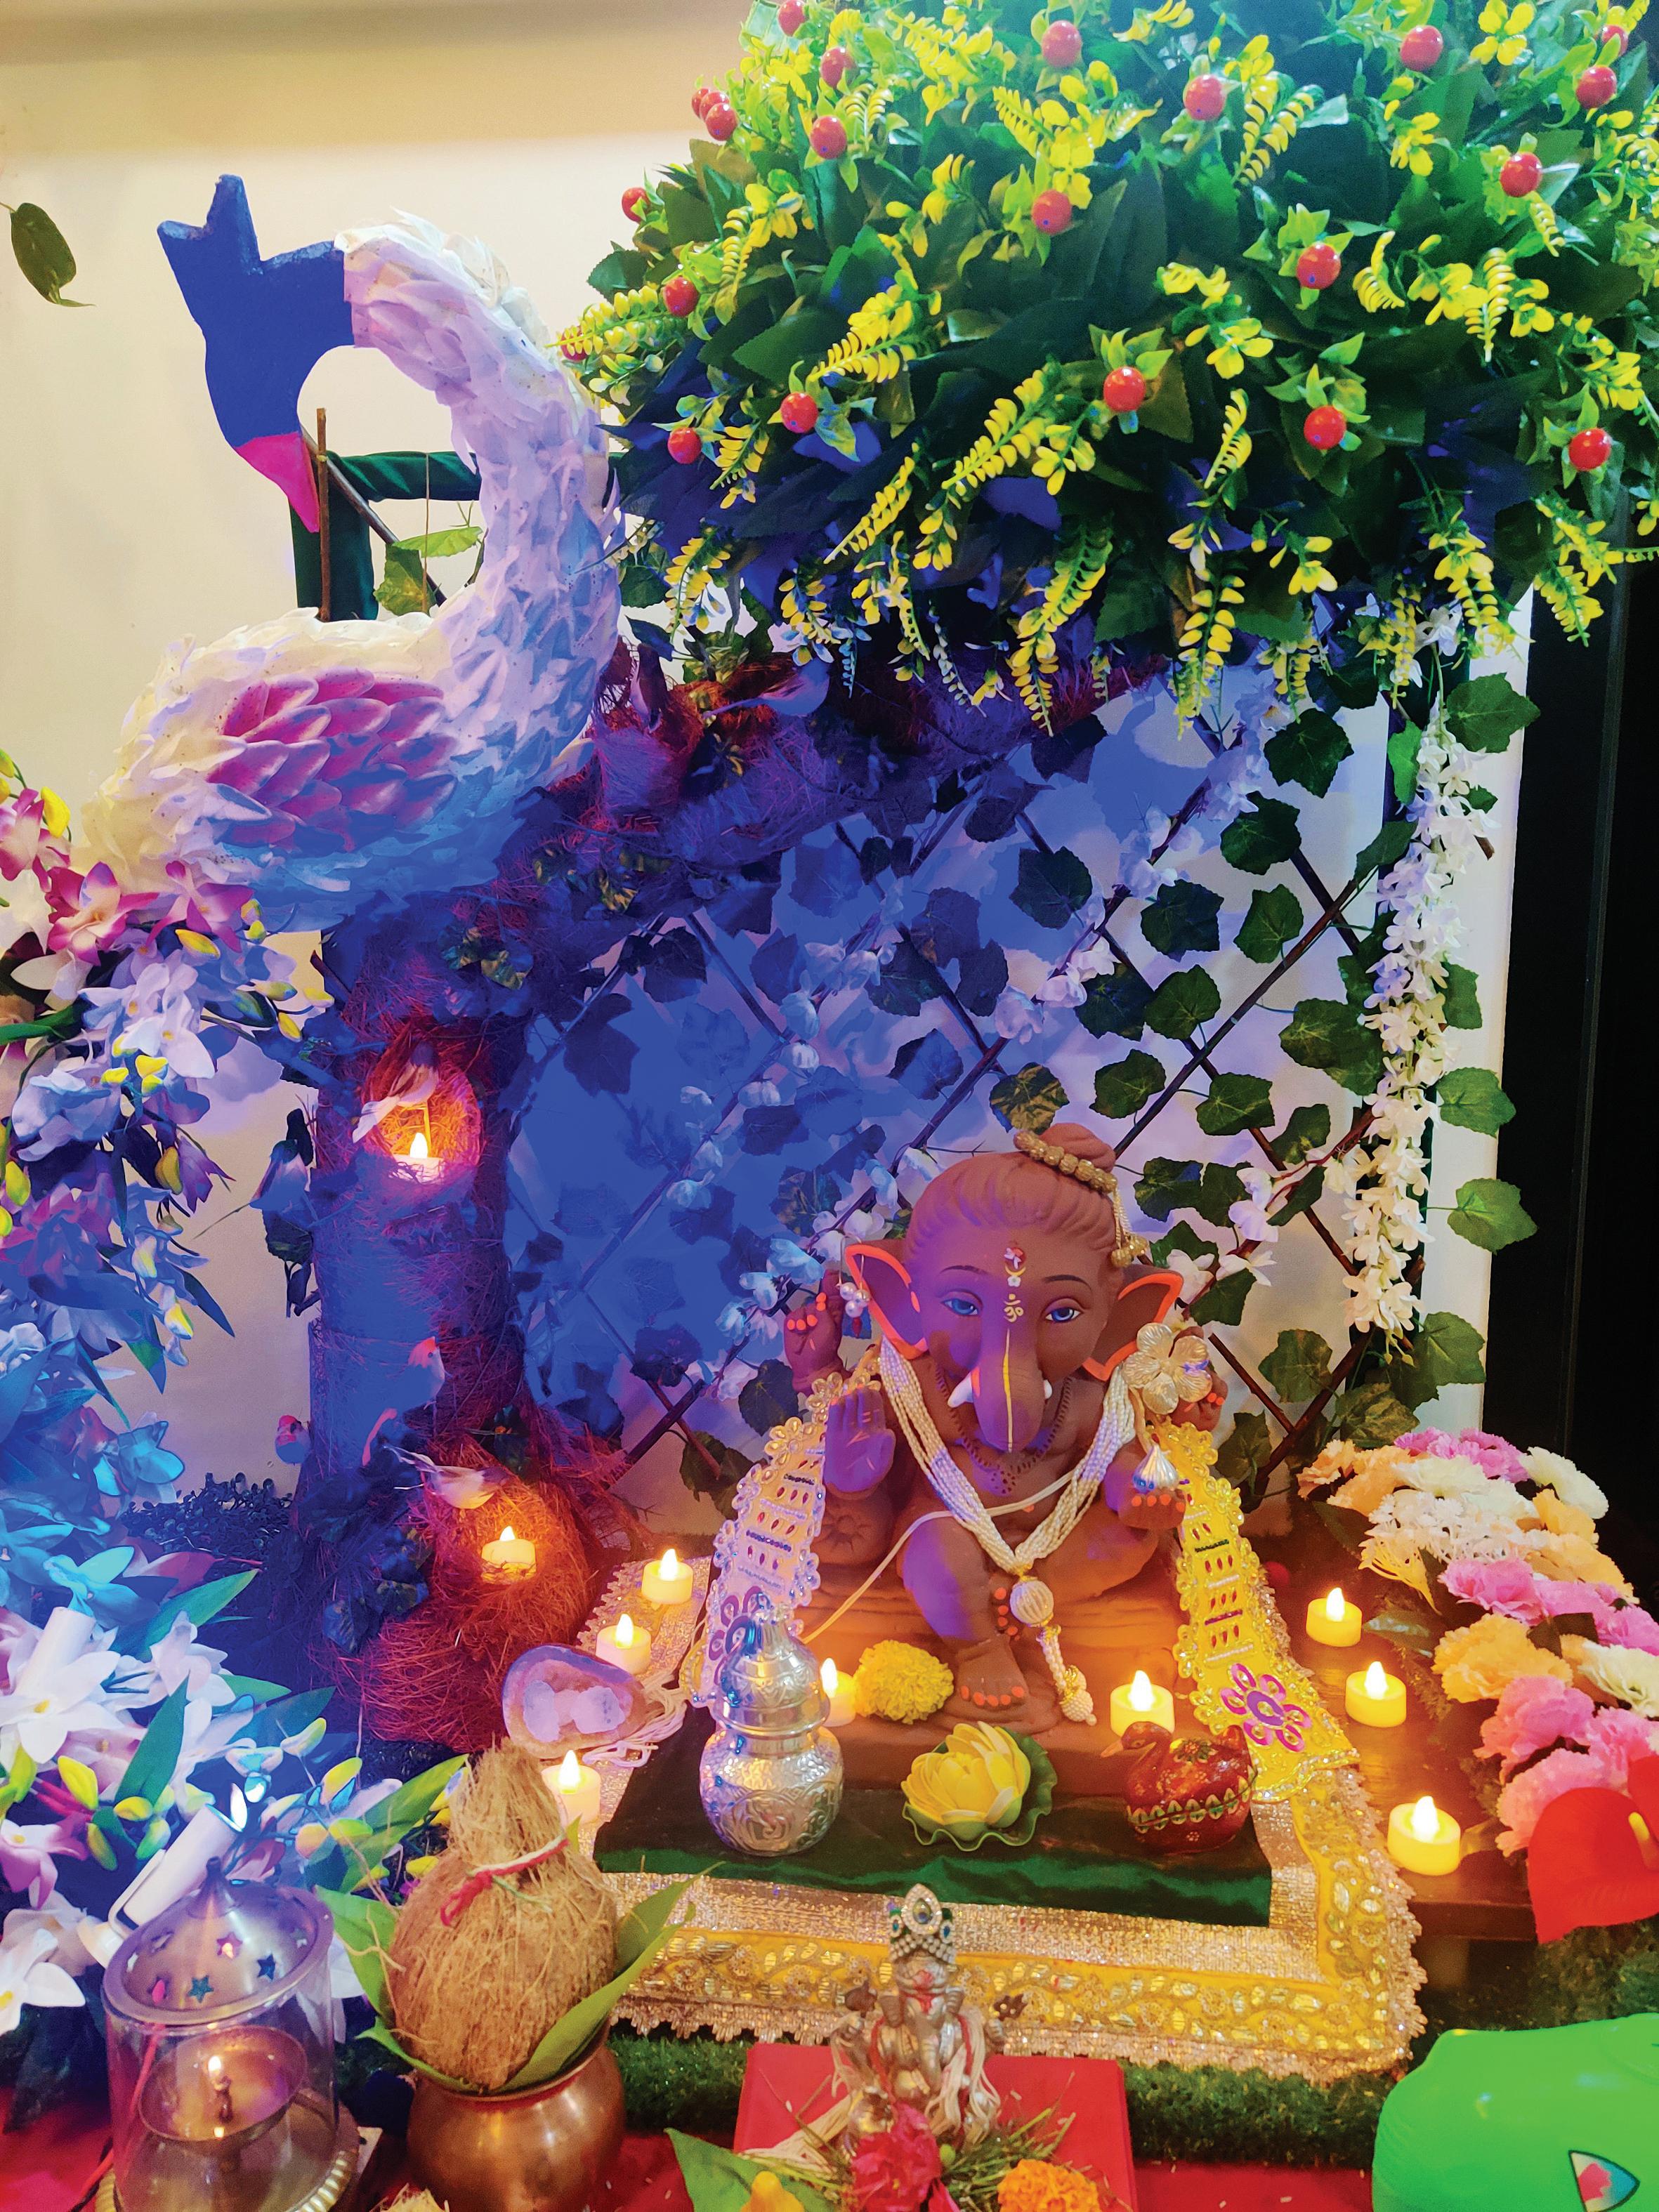 પાયલ યોગી, ગિરગામ : વર્ષ : ૪૨મું, પાંચ દિવસ, વિશેષતા : બાળસ્વરૂપ બાપ્પા તથા સ્ટેશનરી આઇટમોનું ડેકોરેશન, વિસર્જન બાદ સ્ટેશનરીનું ગરીબ બાળકોમાં વિતરણ.